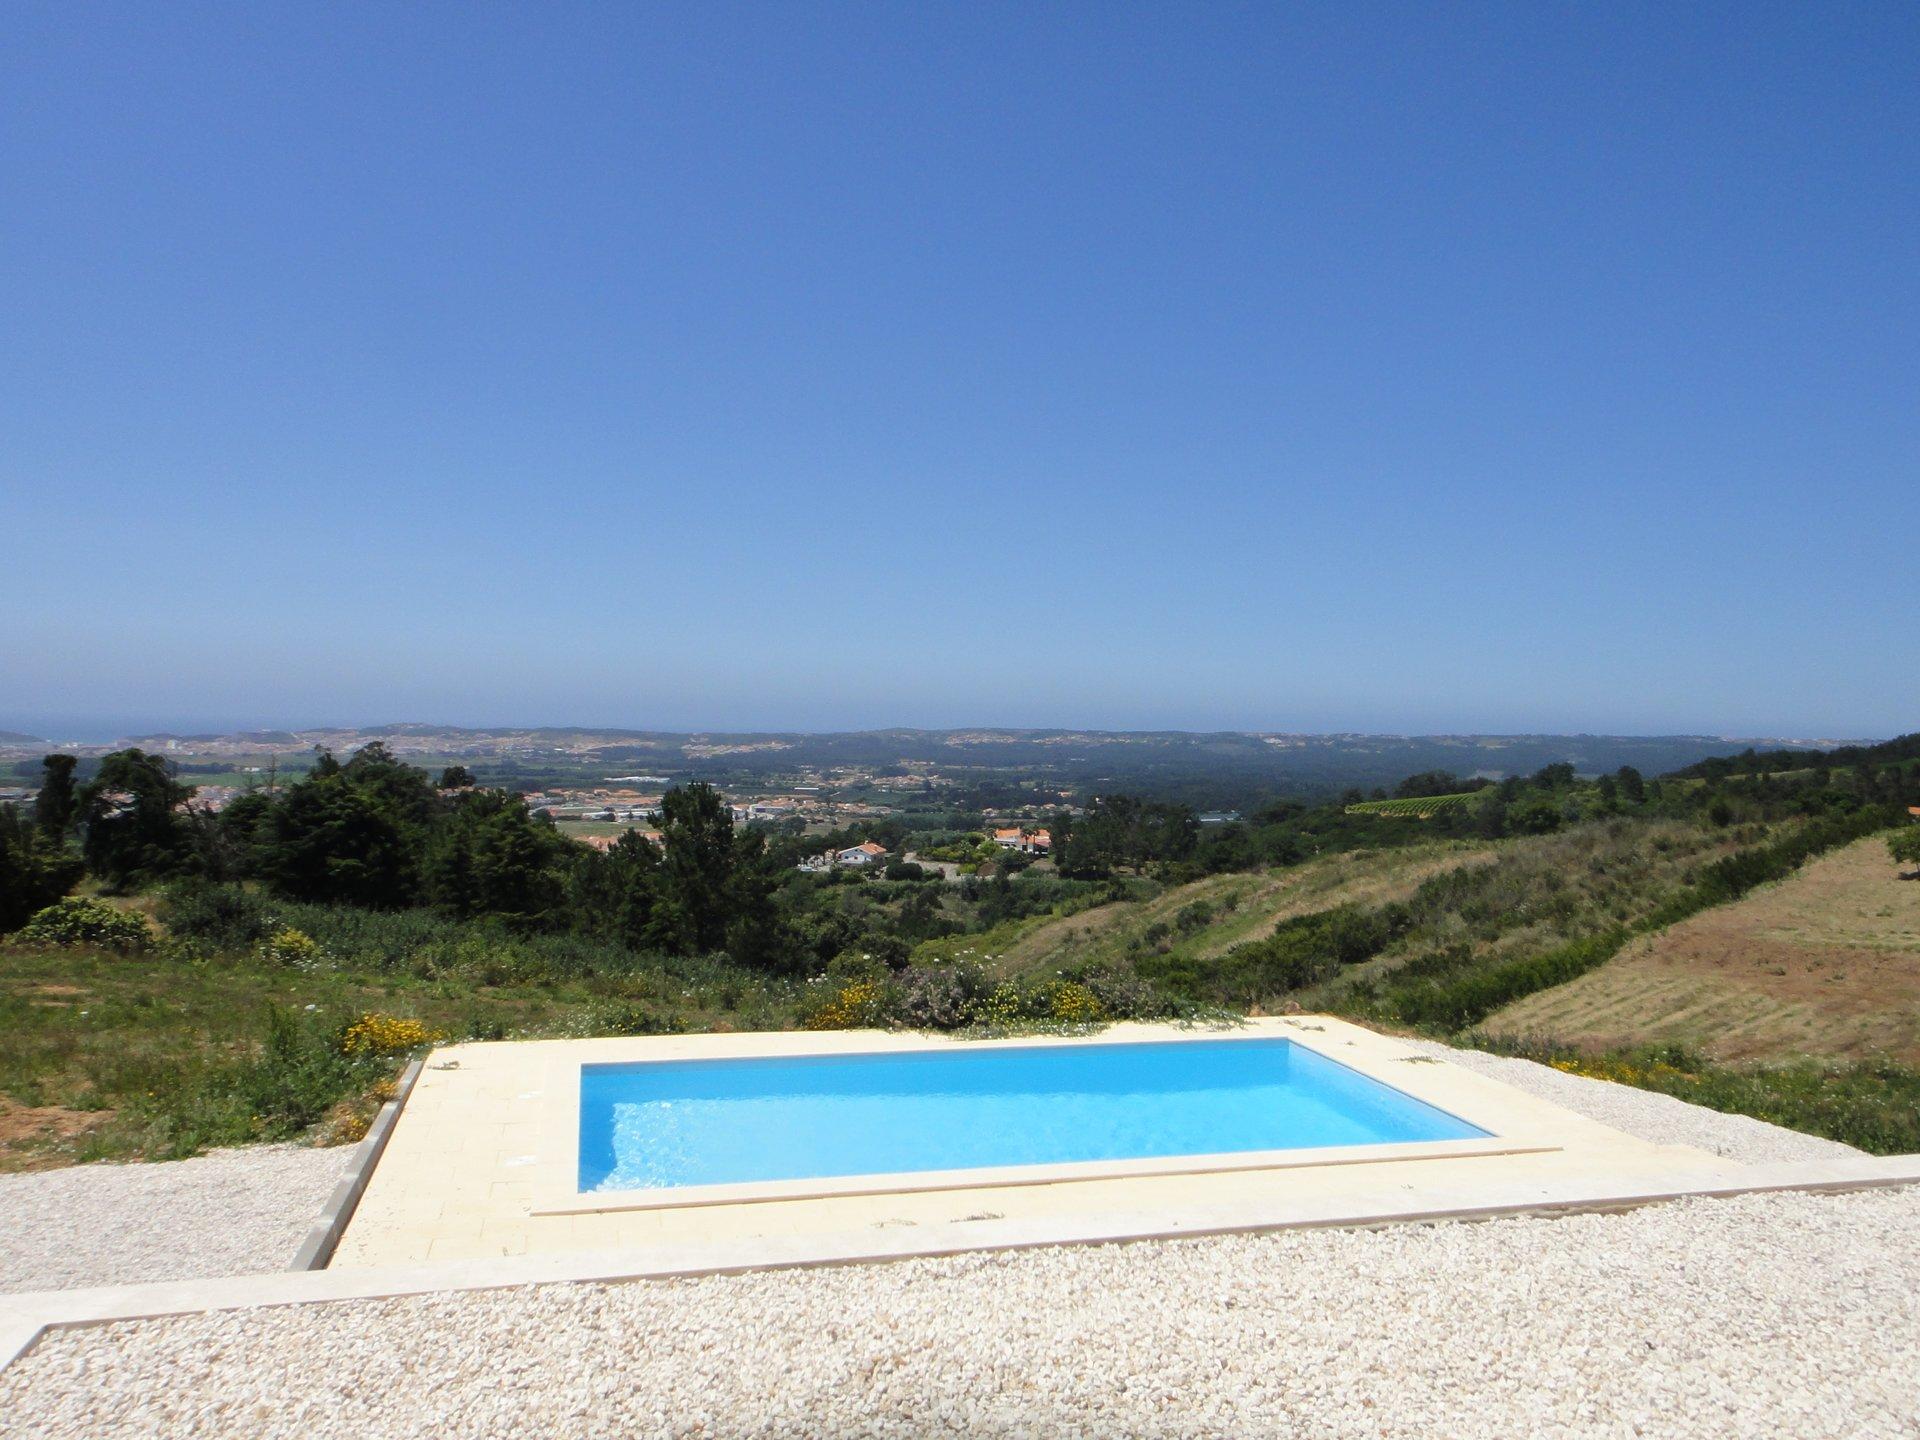 3 Bedroom Villa Alfeizerao, Silver Coast Ref: AV2123